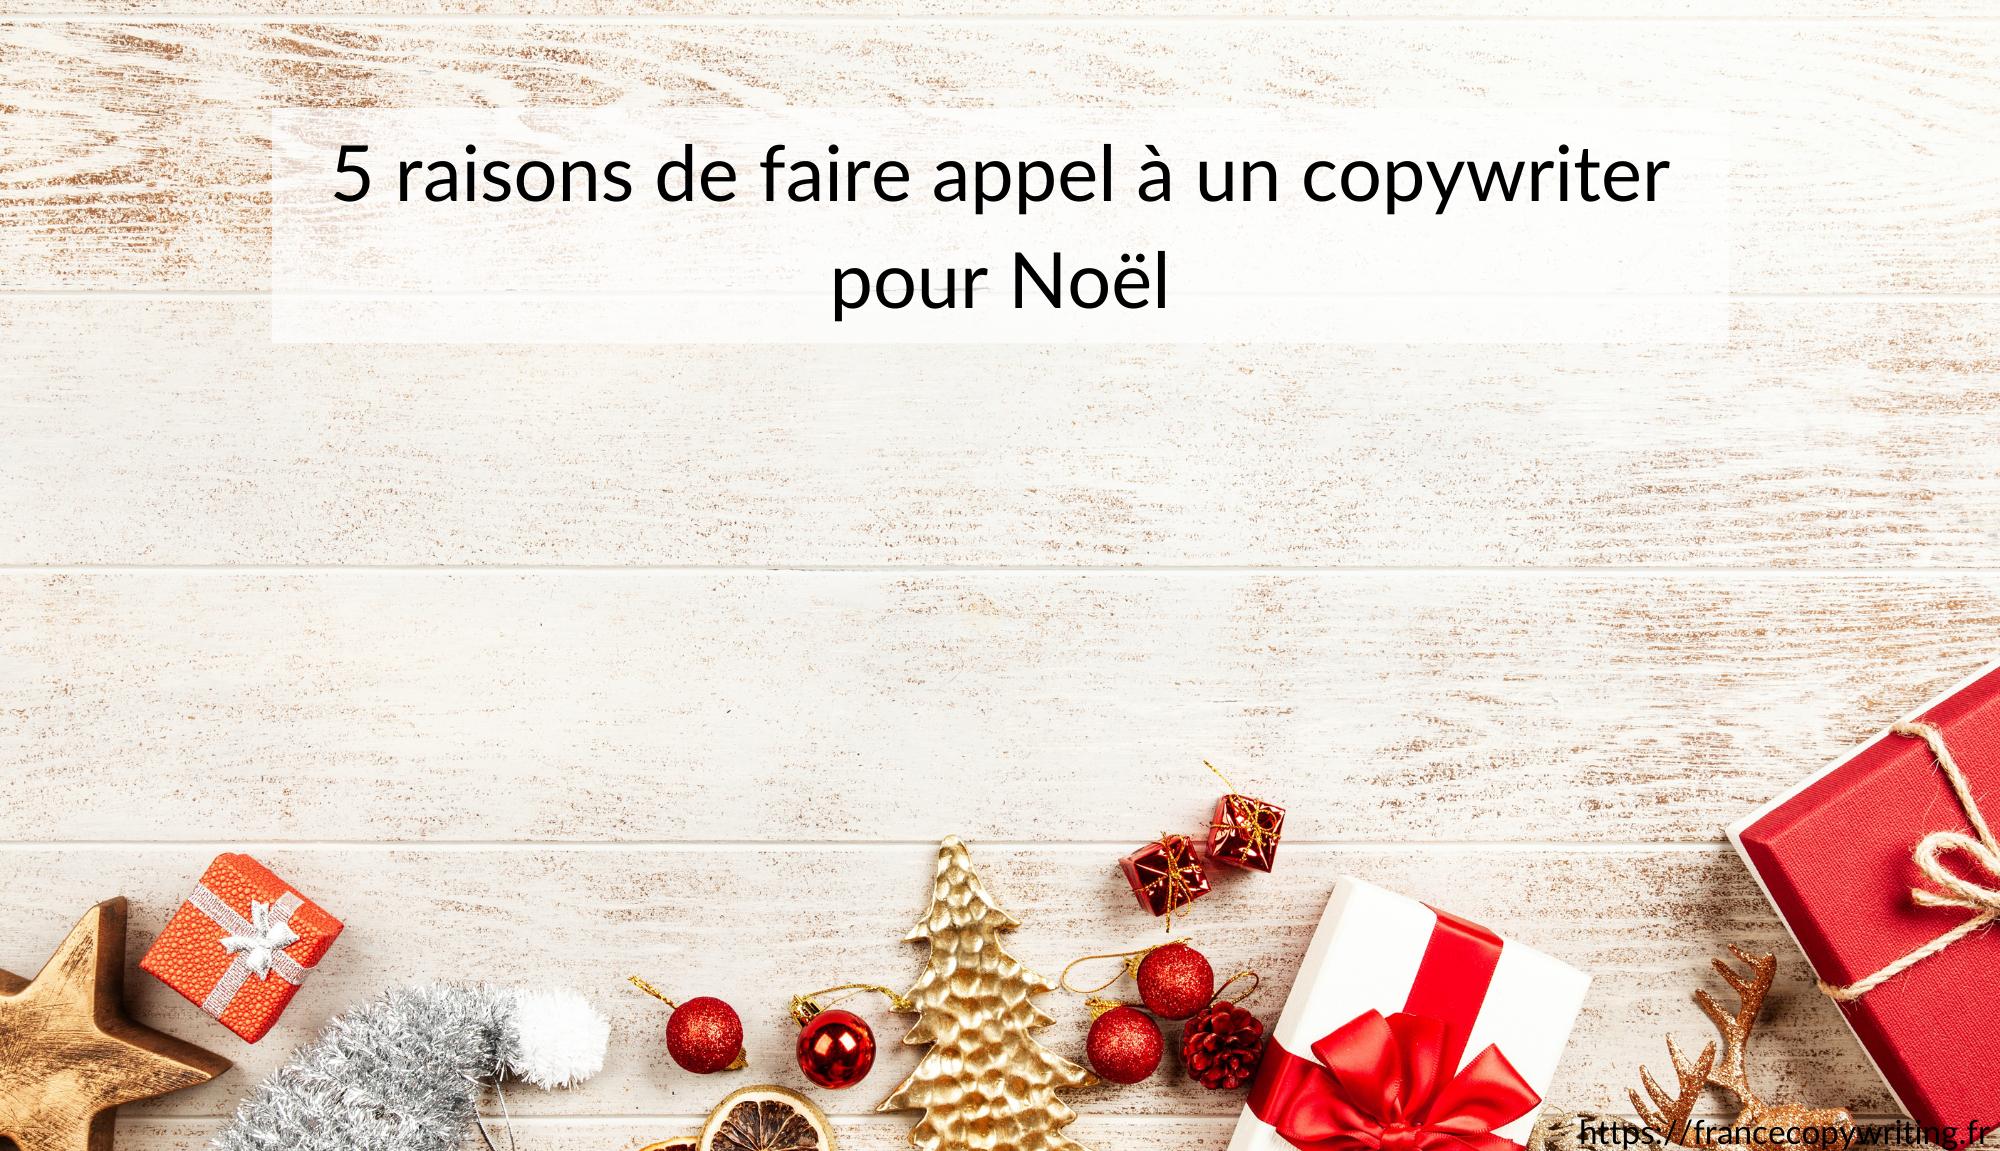 5 raisons de faire appel à un copywriter pour Noël